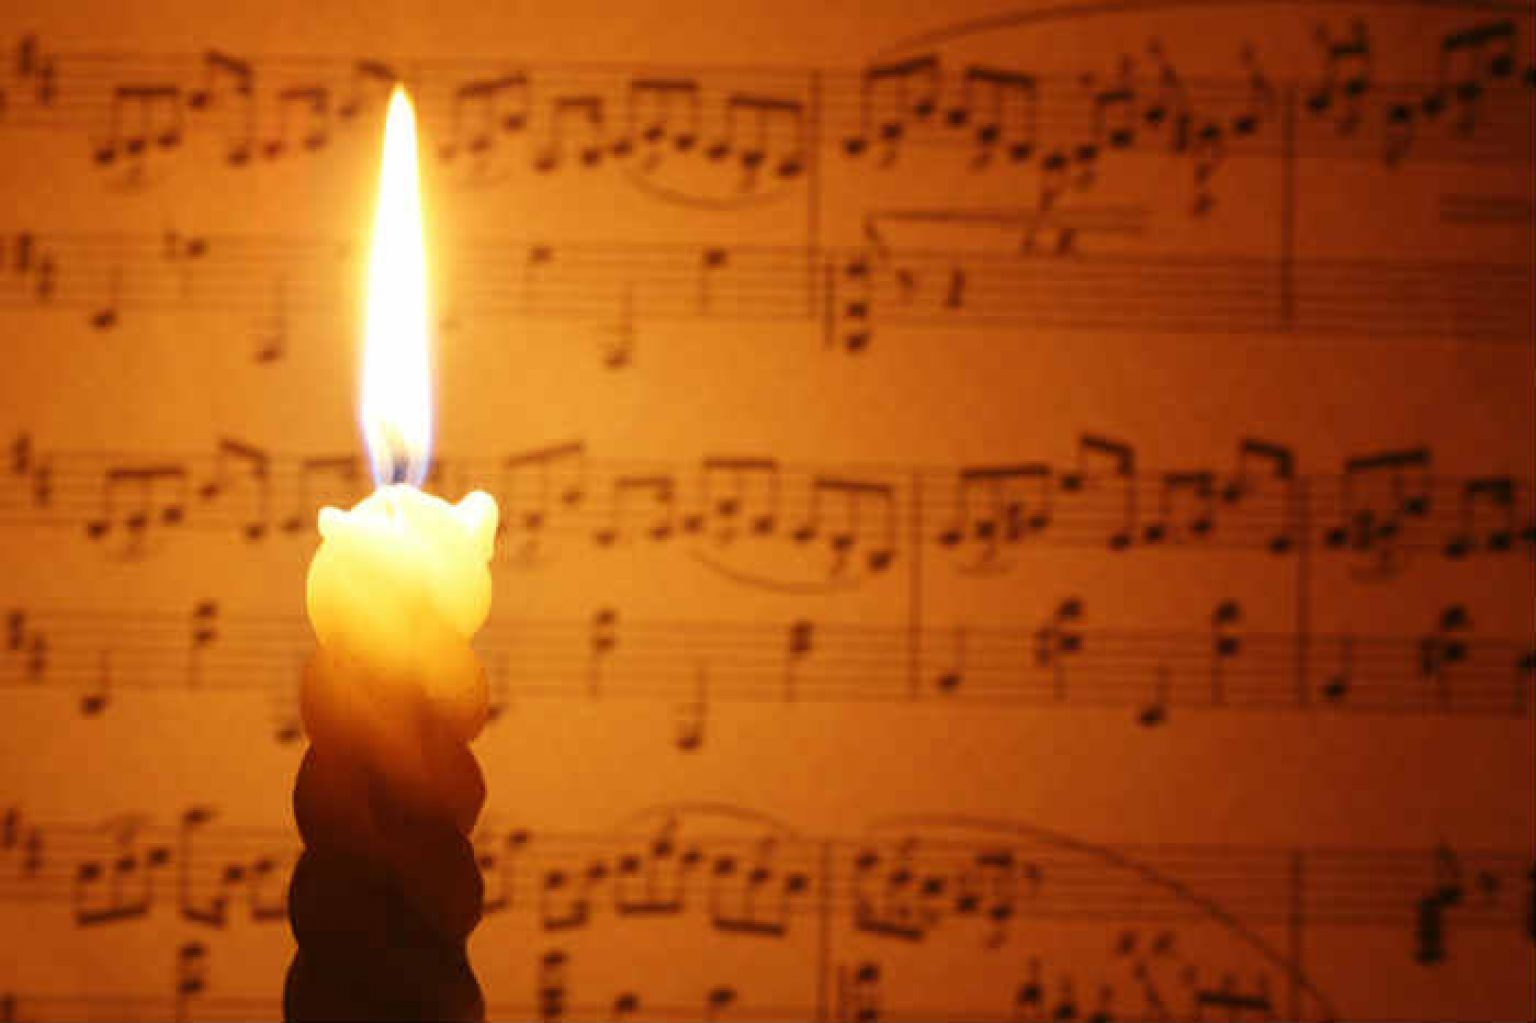 AI Butchers Christmas Carol Lyrics | Christmas carols lyrics, Christmas concert, Carol lyrics